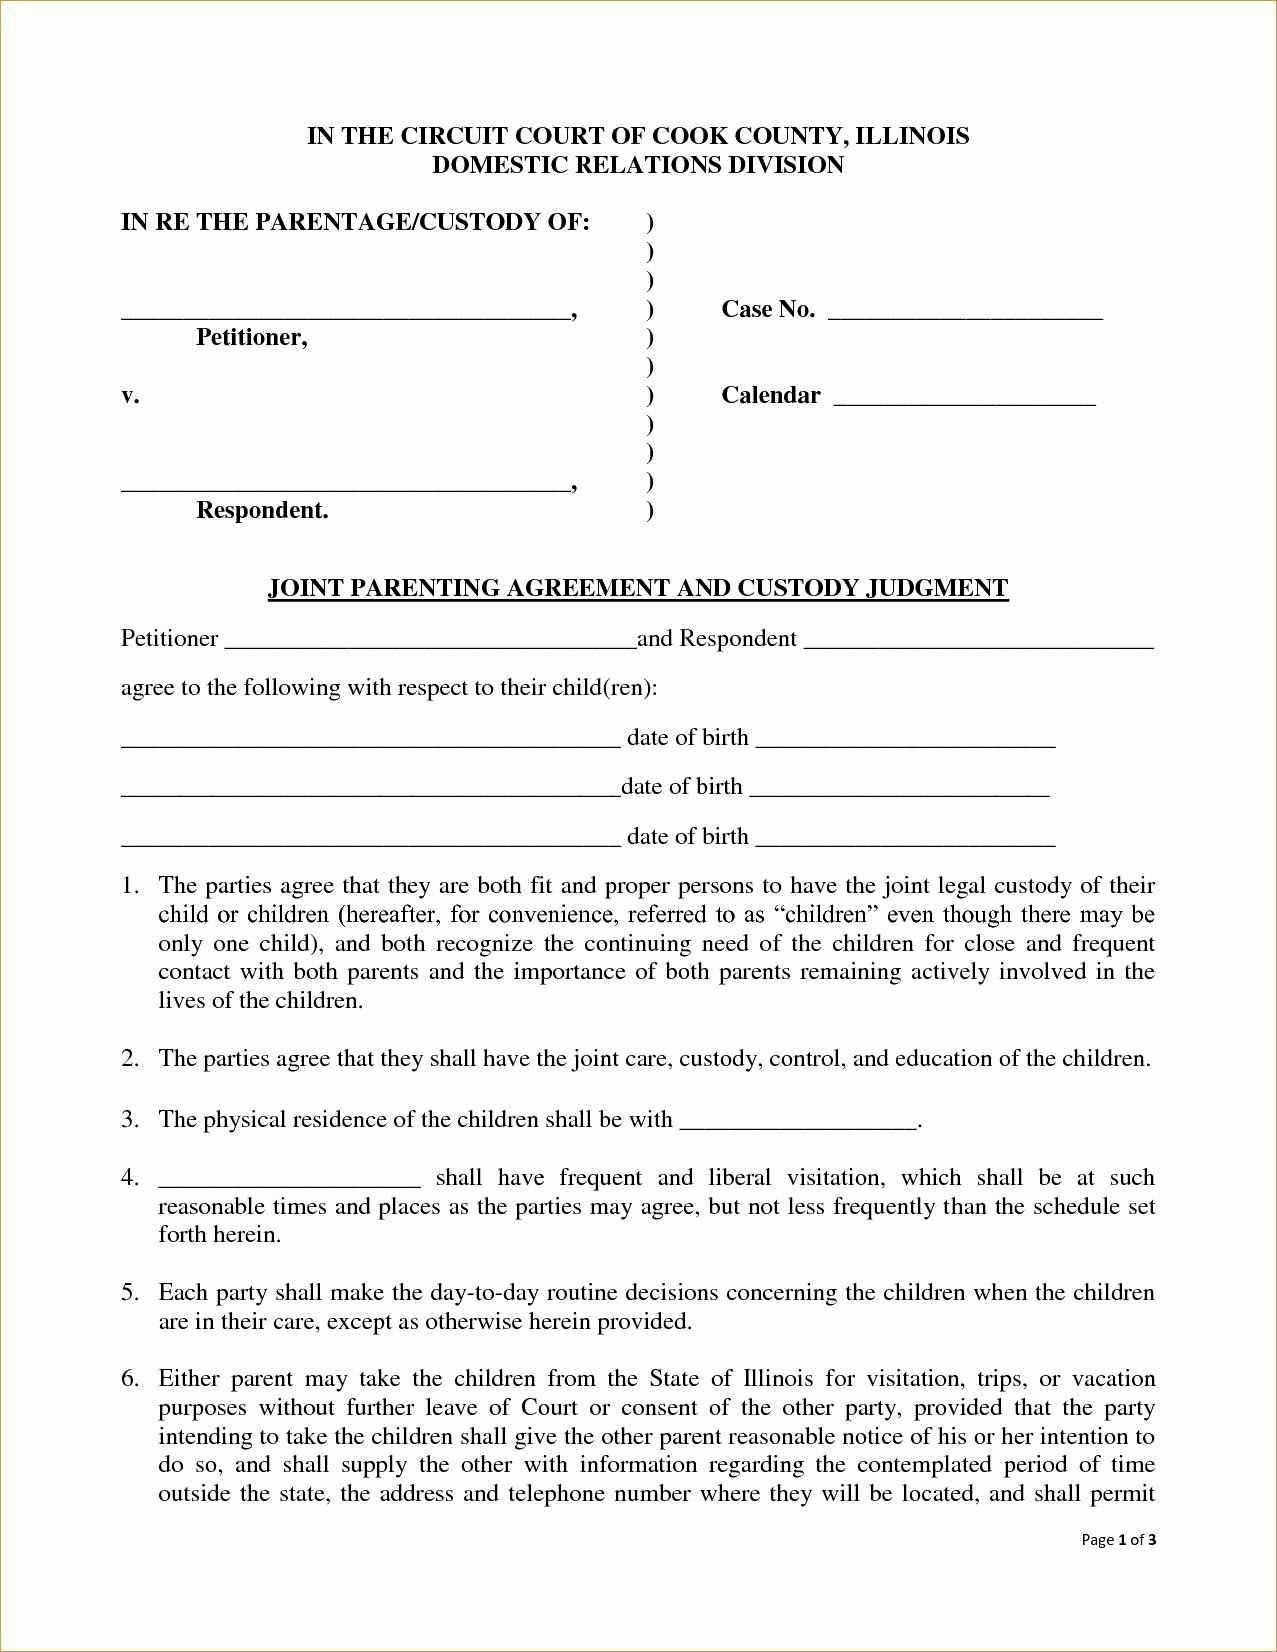 Joint Custody Agreement Template Ideas Child Without Court For Free Joint Custody Agreement Template